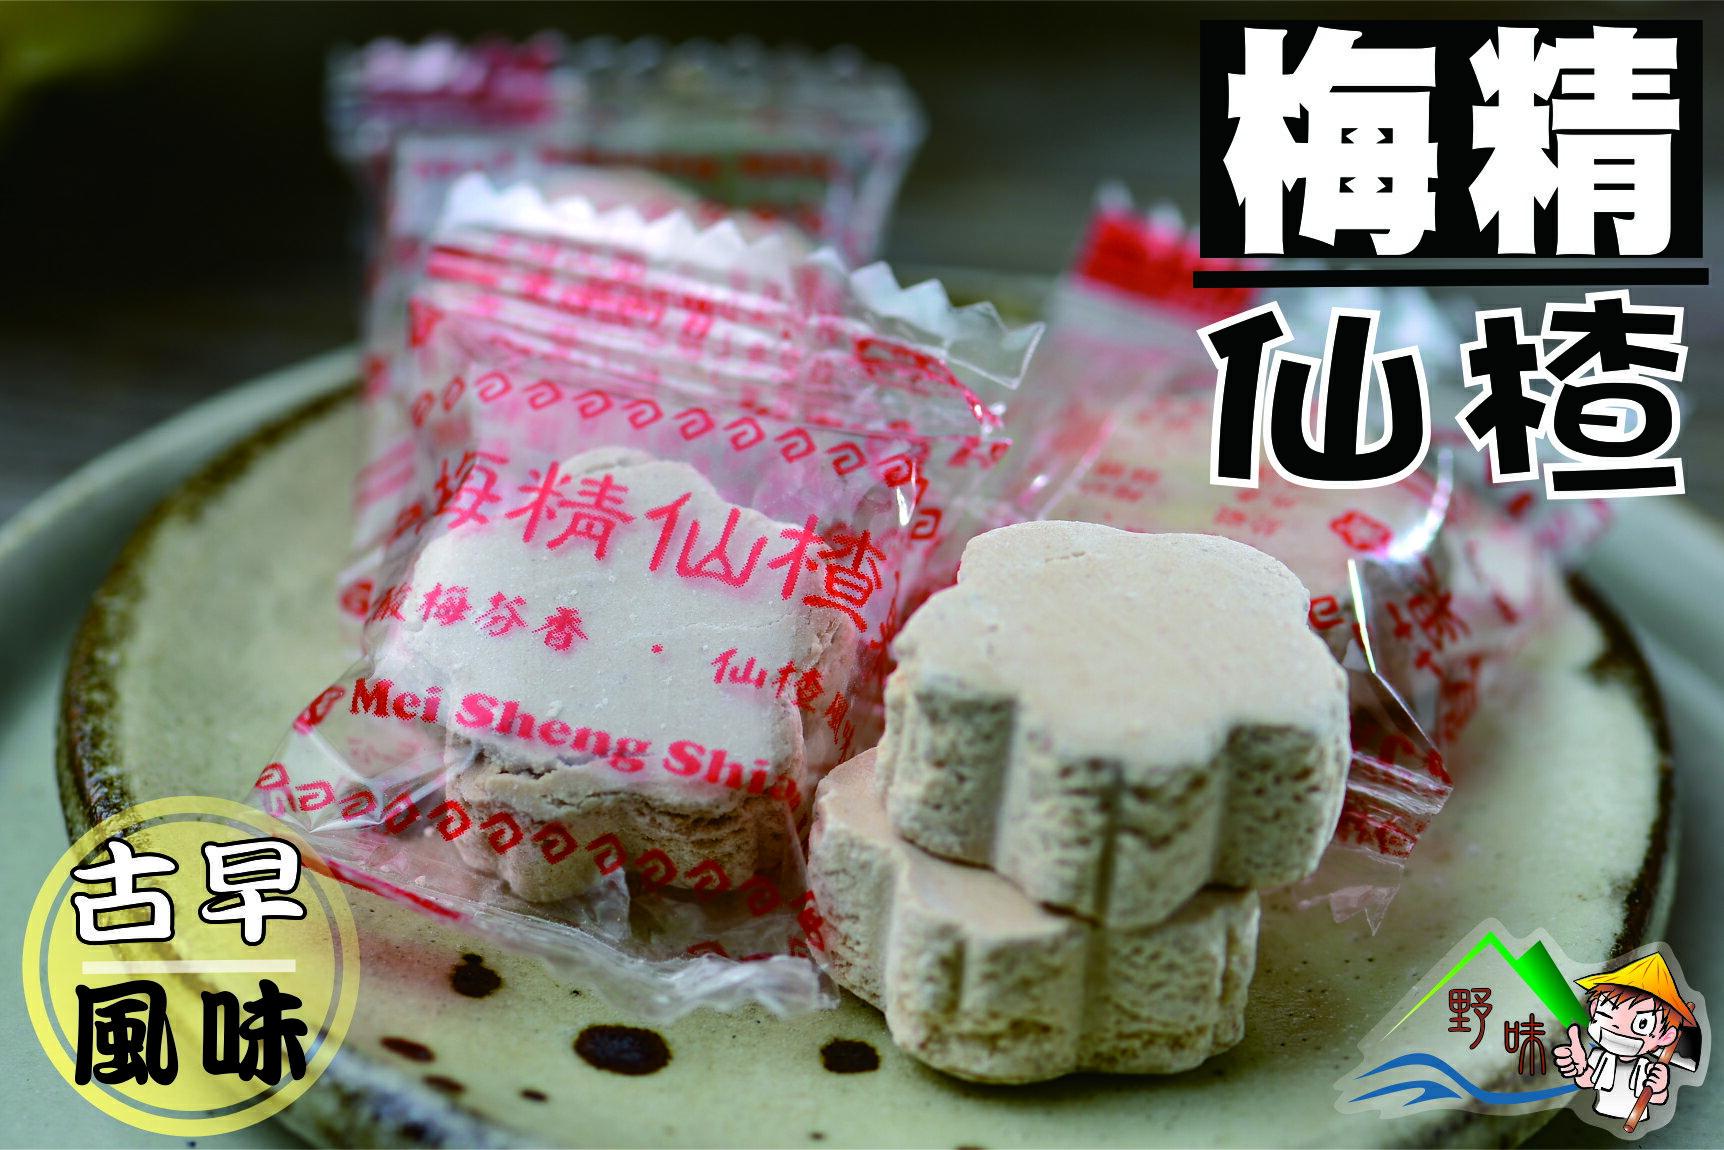 【野味食品】梅精仙楂菓(梅花仙楂餅)170g/包,600g/包